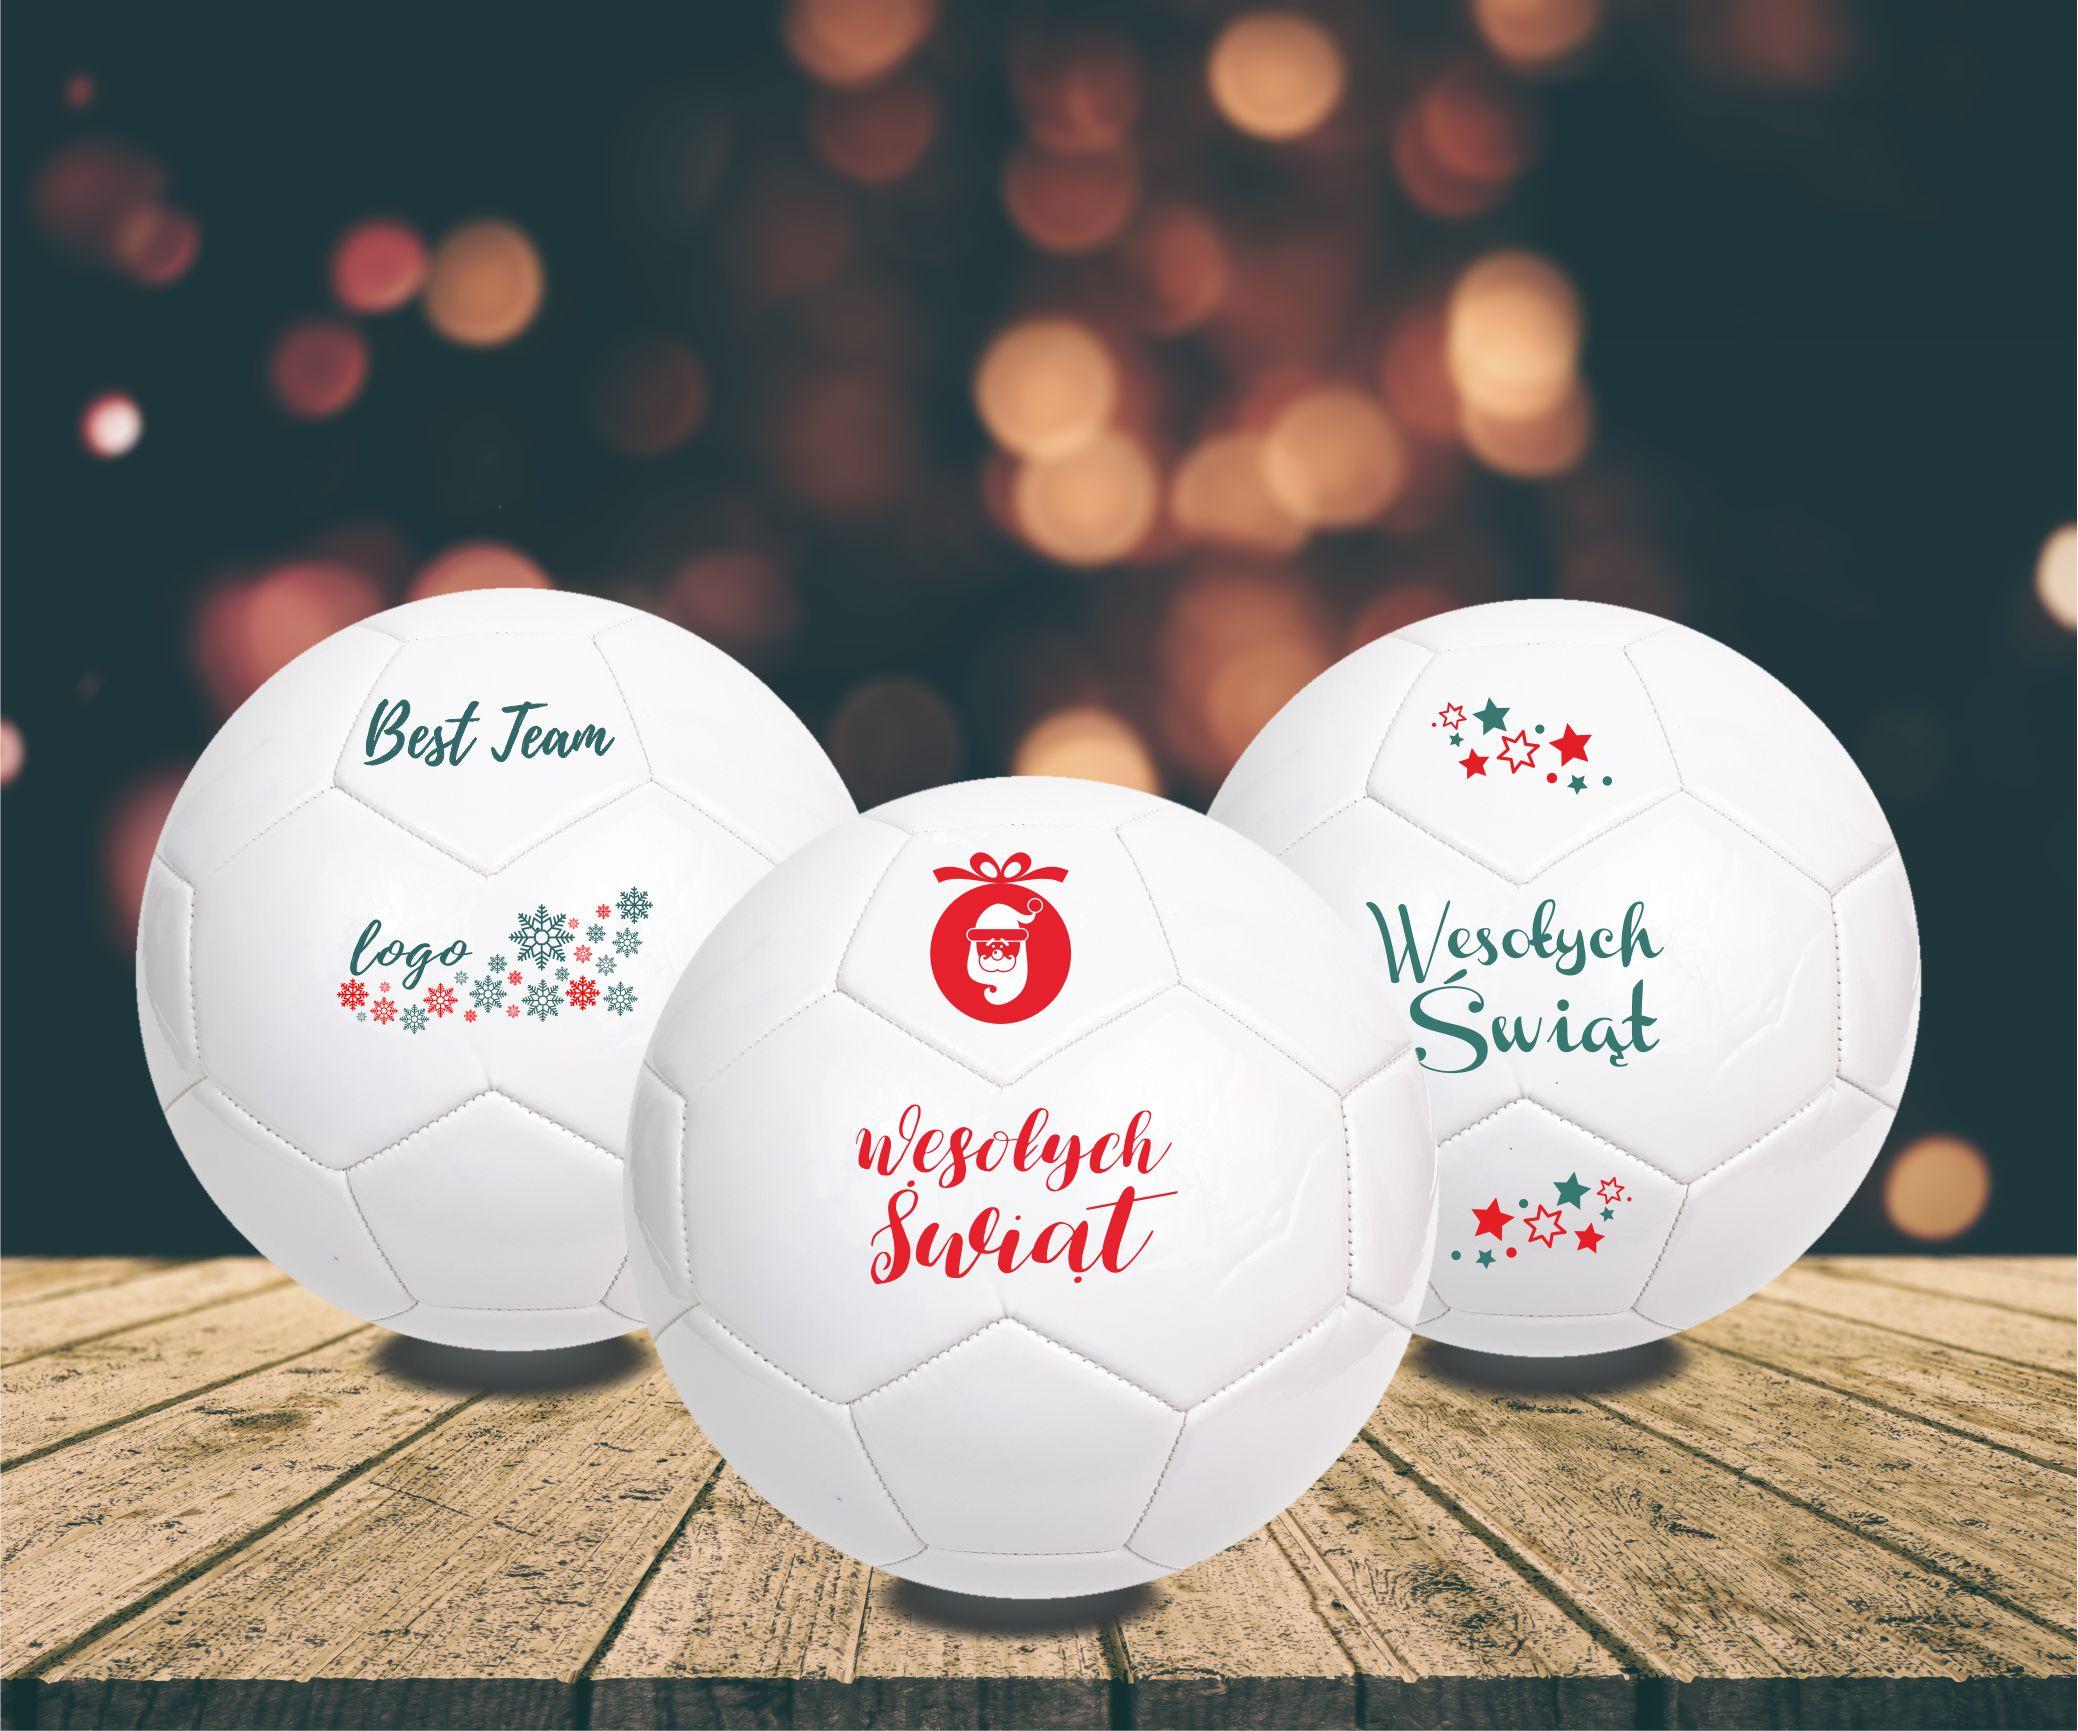 Piłki nożne na prezent, pomysł na sportowy upominek